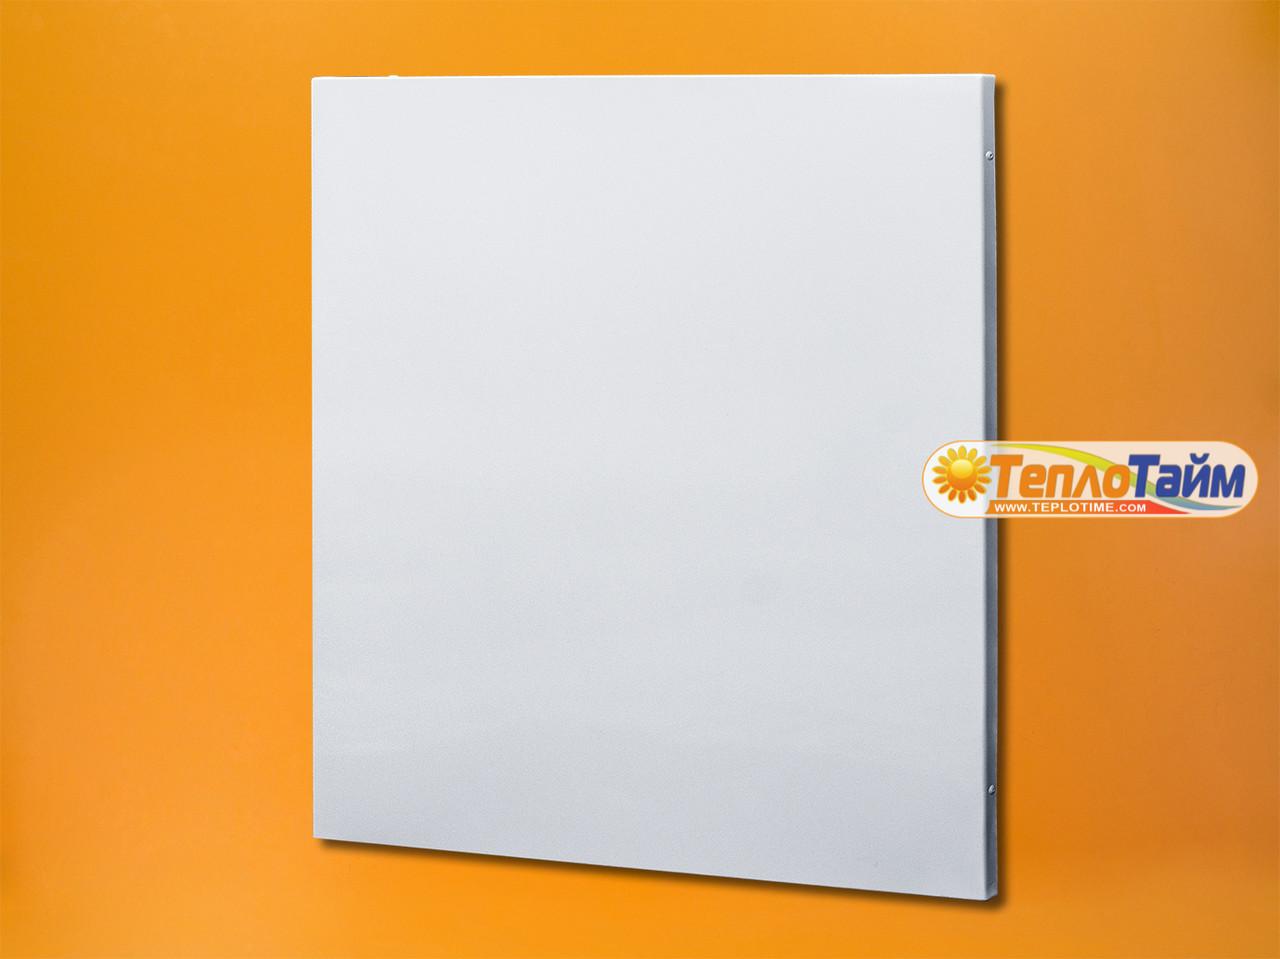 Інфрачервона панель UDEN-500K стандарт (обогреватель, инфракрасная панель)